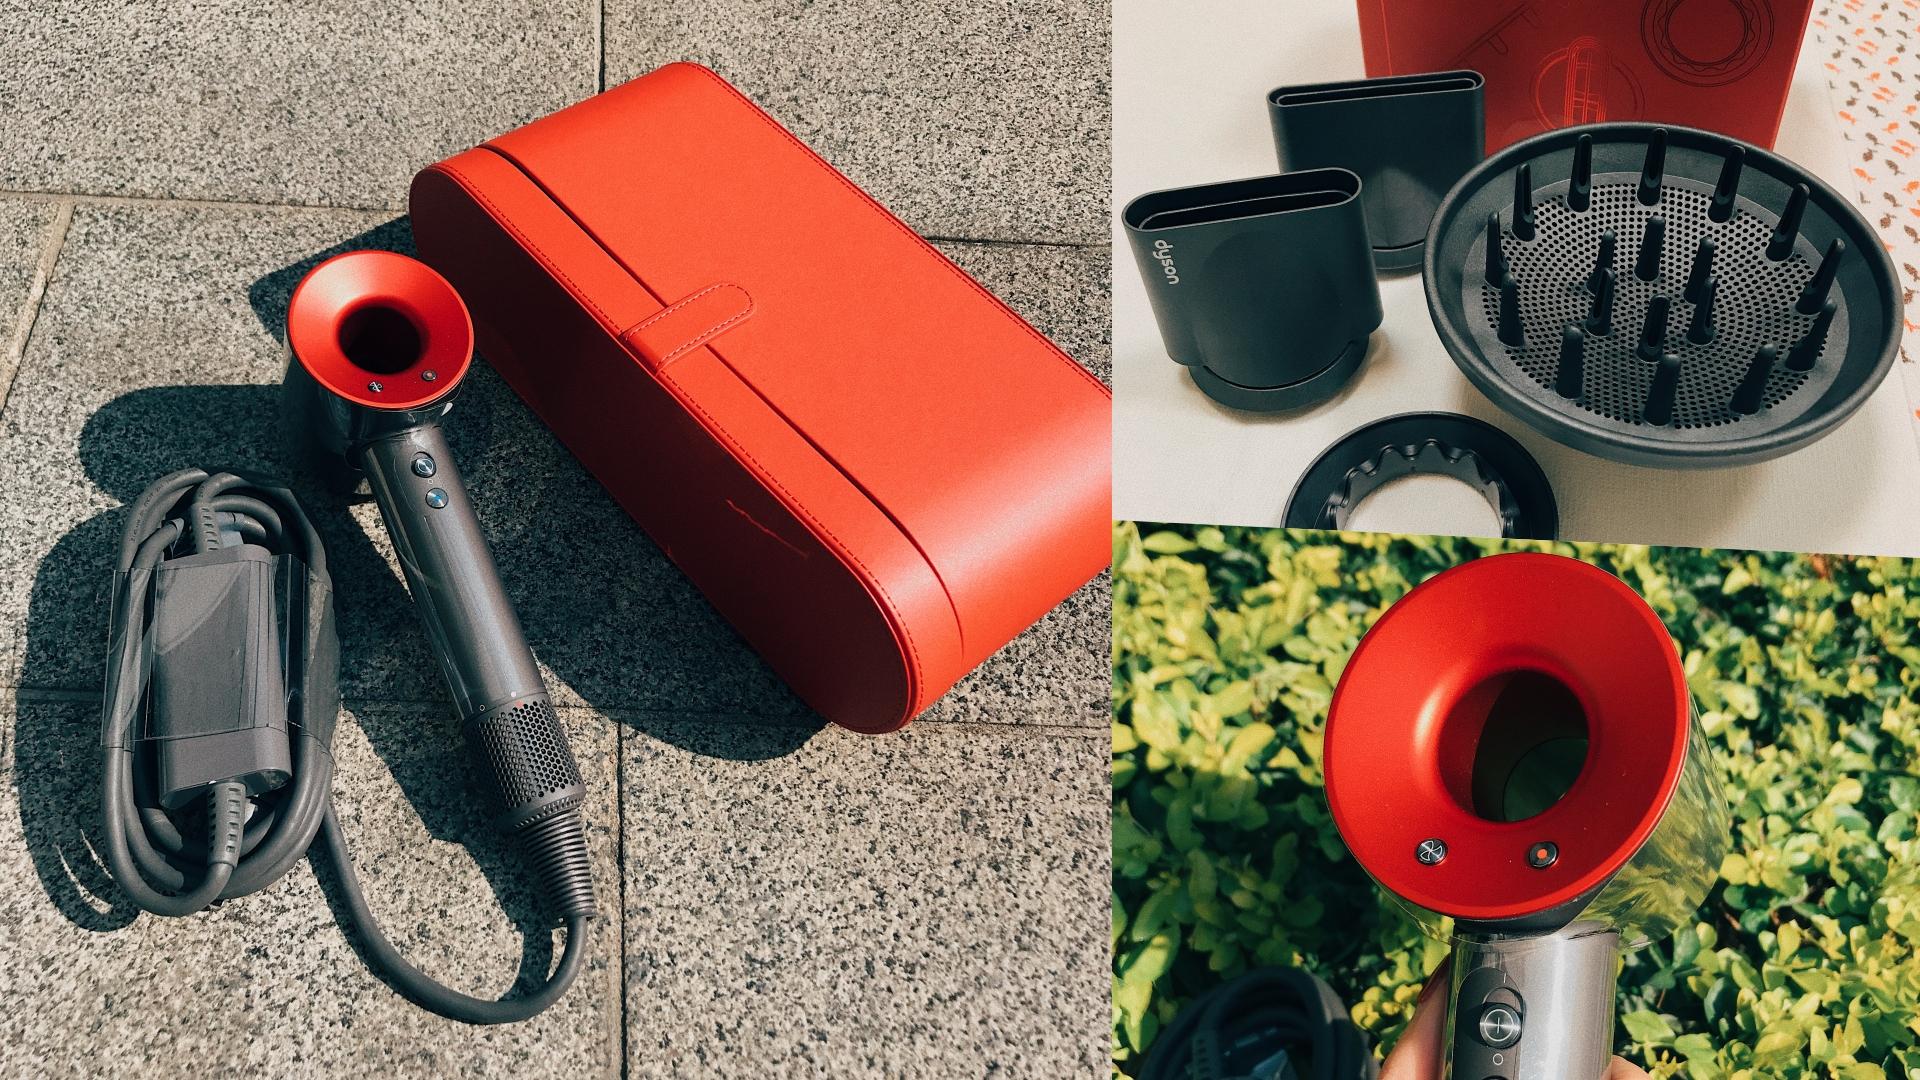 過年就是要紅色才喜氣!Dyson吹風機換上新年限定的紅色包裝不收不行啊!